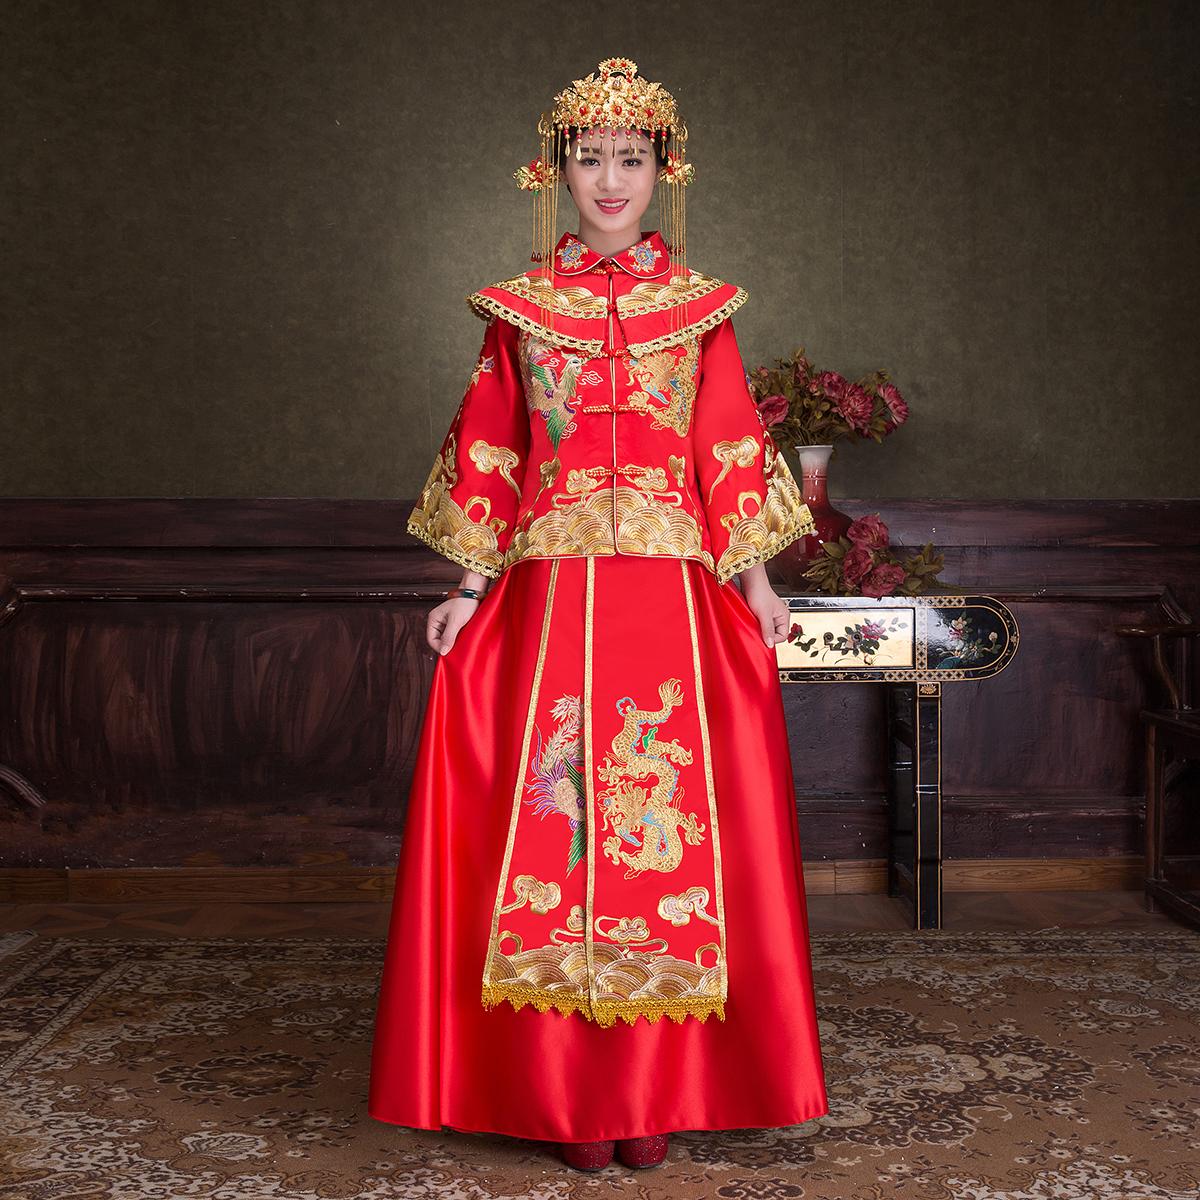 秀禾服春夏中式婚纱礼服结婚敬酒服古装新娘喜服龙凤褂嫁衣